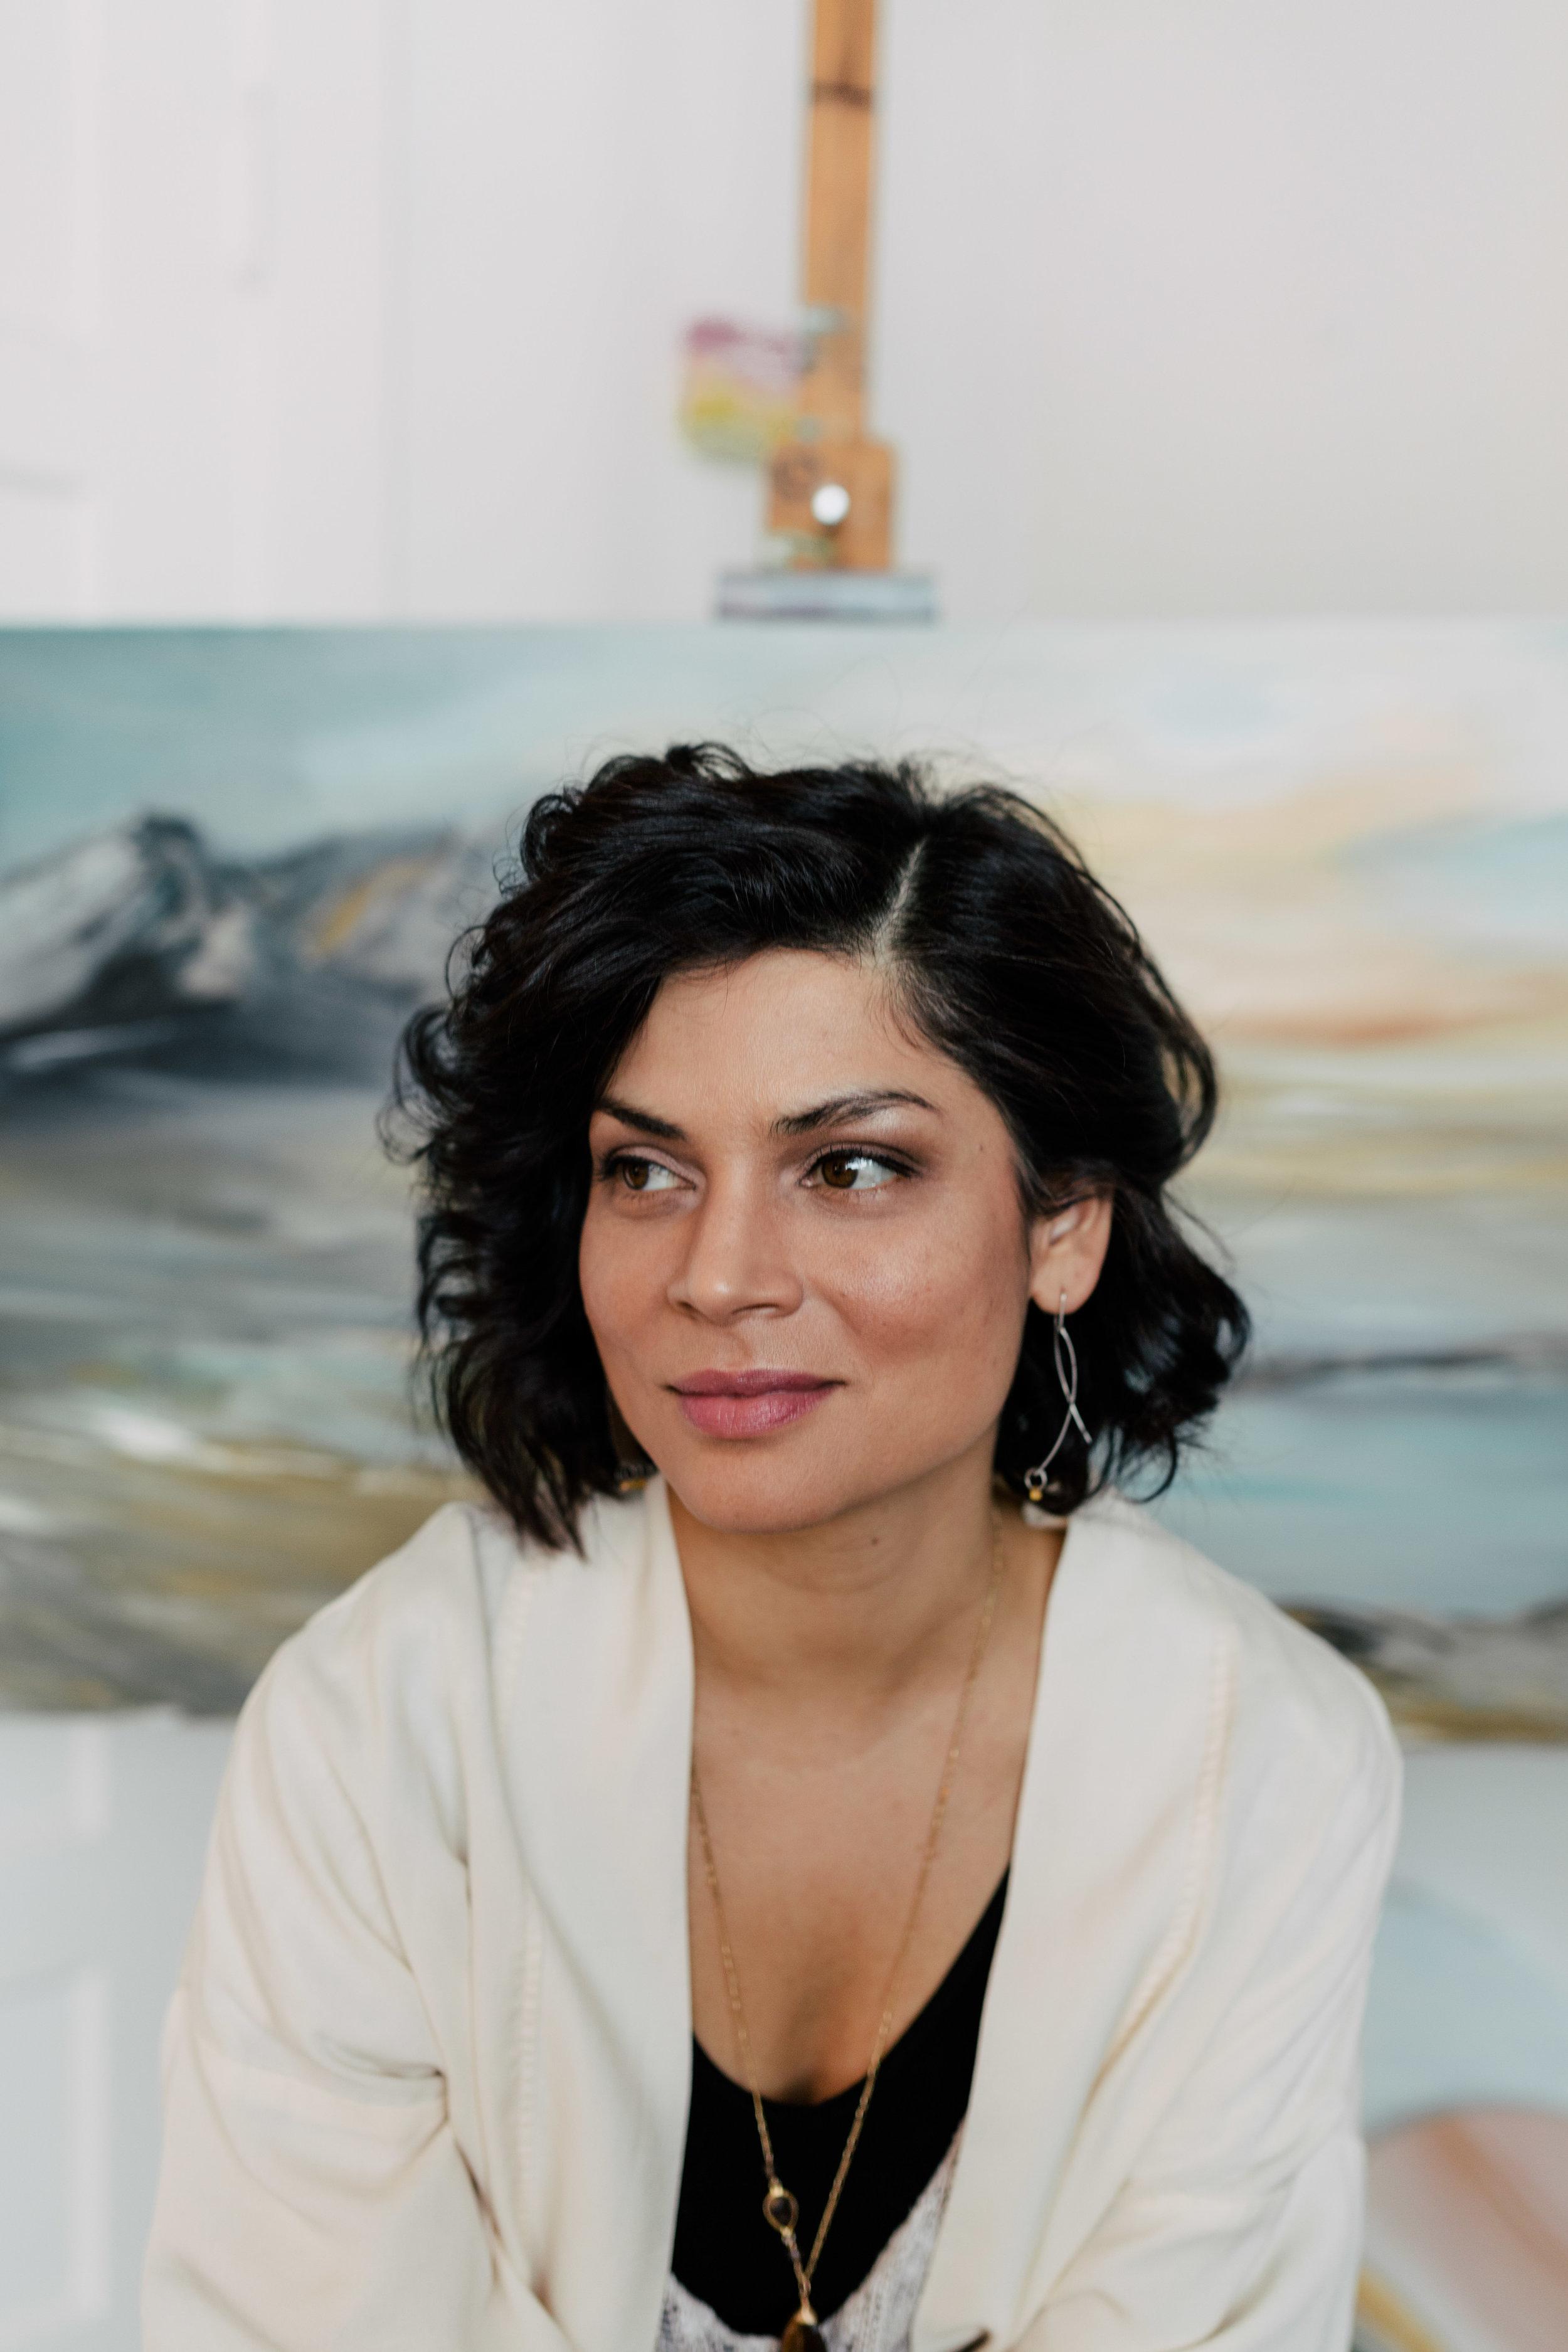 Artist portrait of Nikki Balfour